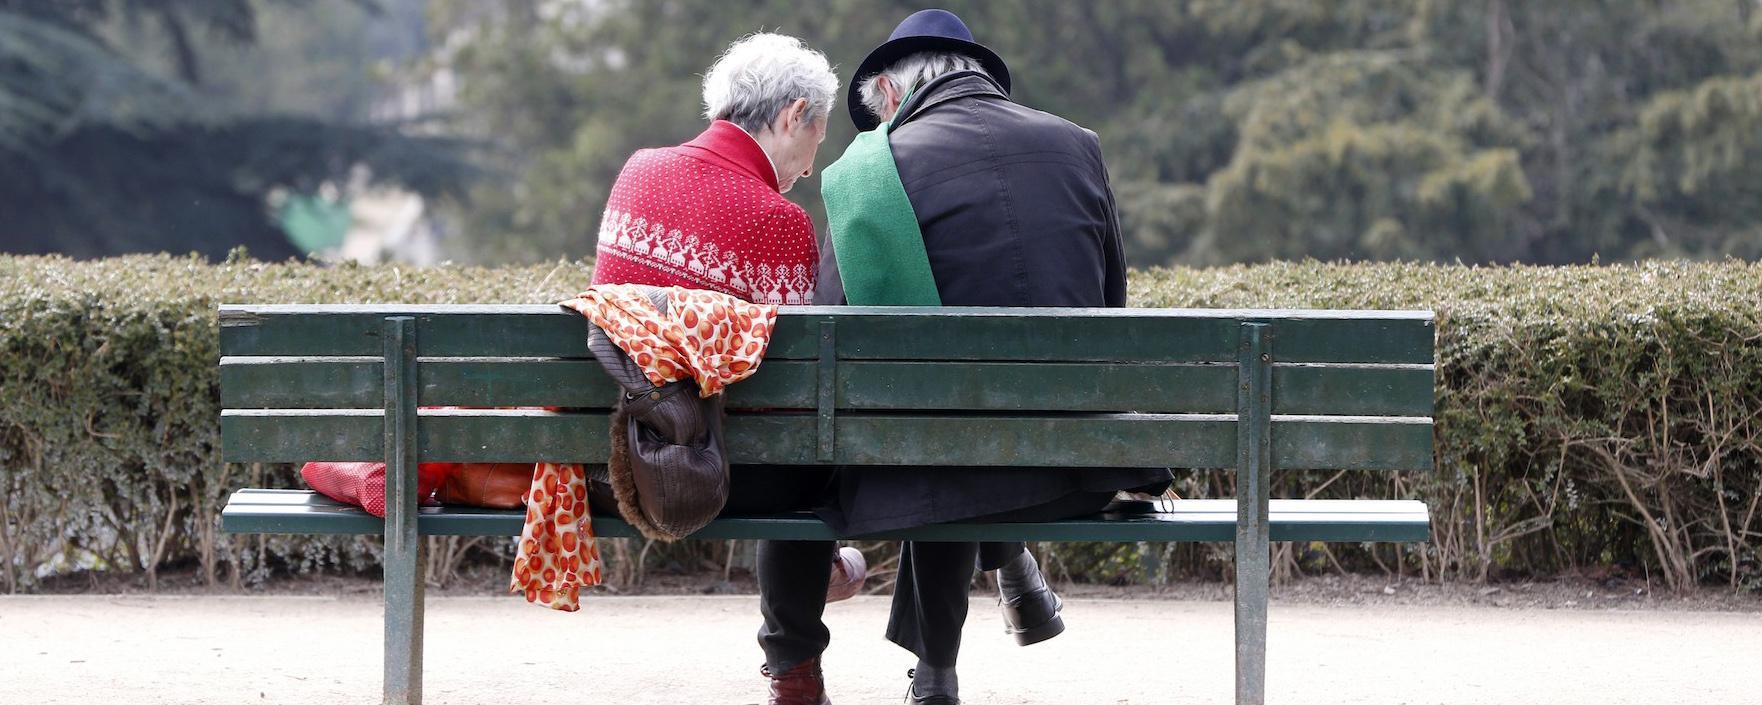 Los jubilados cobran 1.581 euros menos que el grueso de los trabajadores